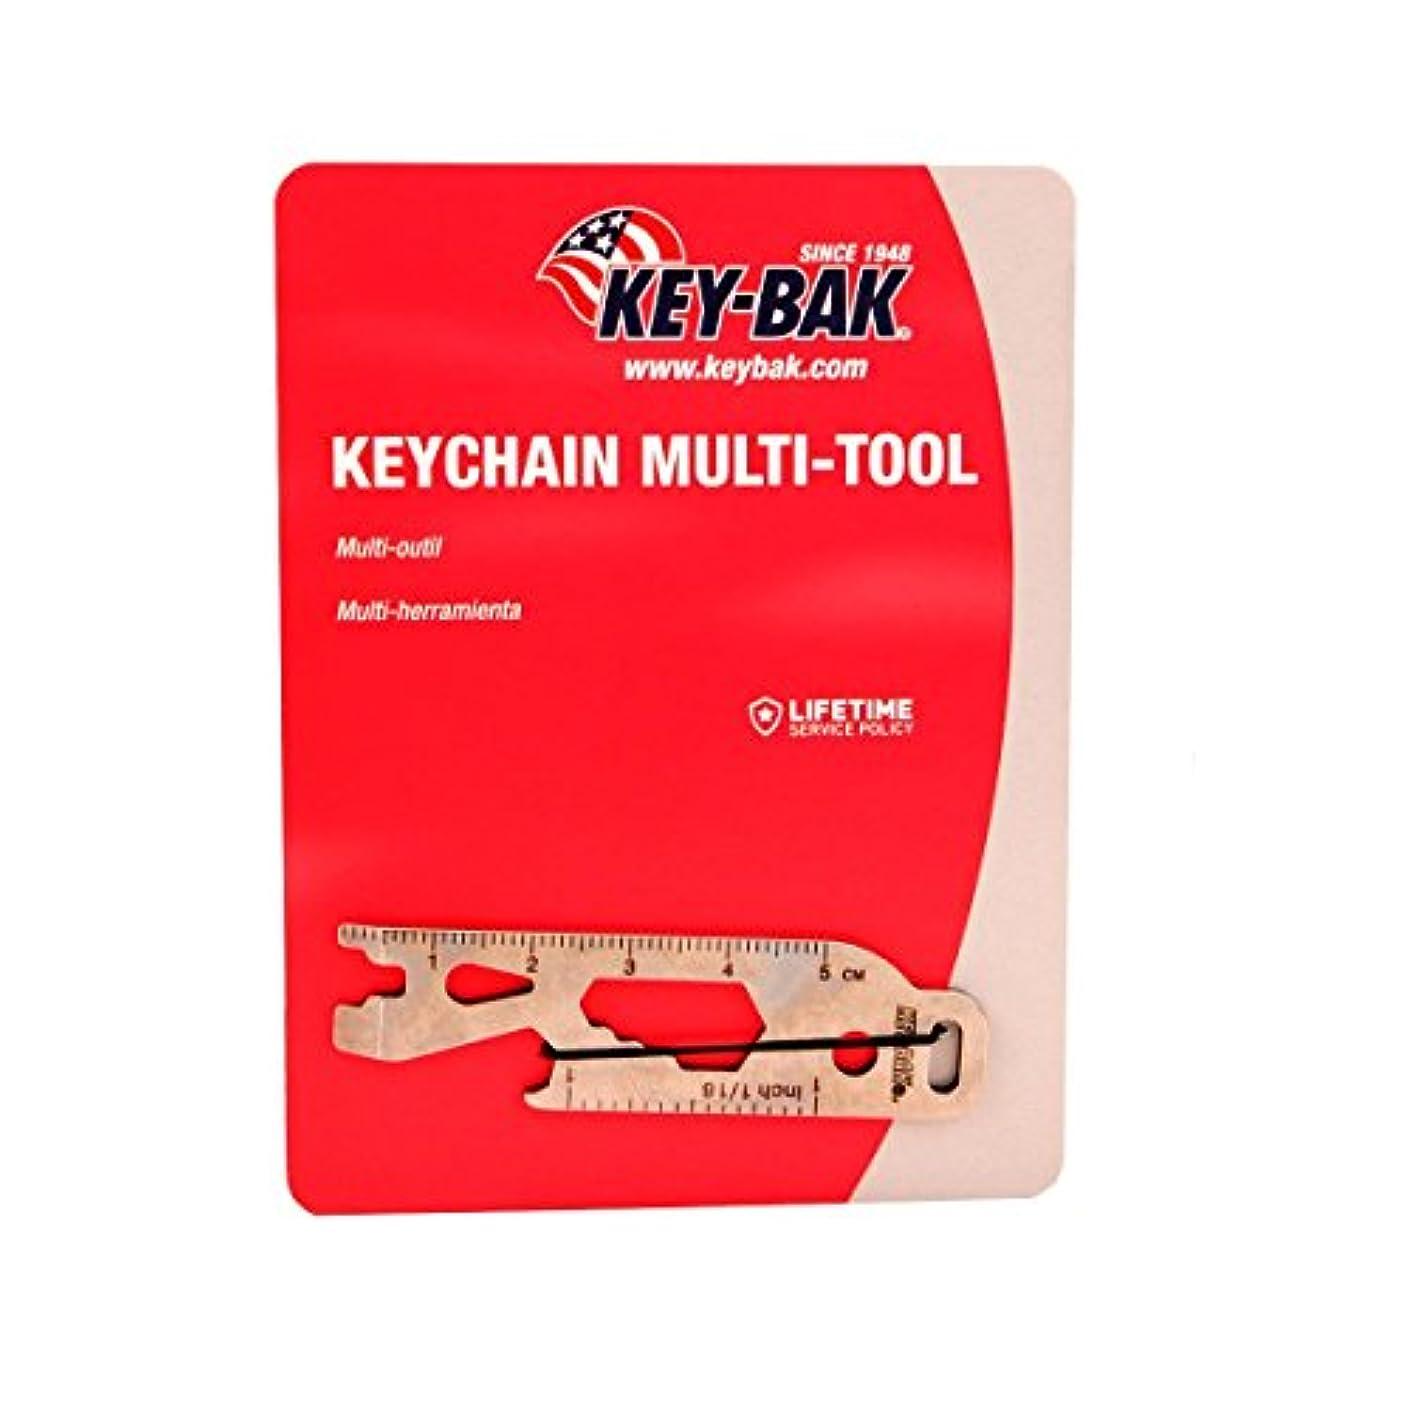 検索エンジンマーケティング購入豊富なKEY-BAK Keychain Multi-Tool, Silver by Key-Bak